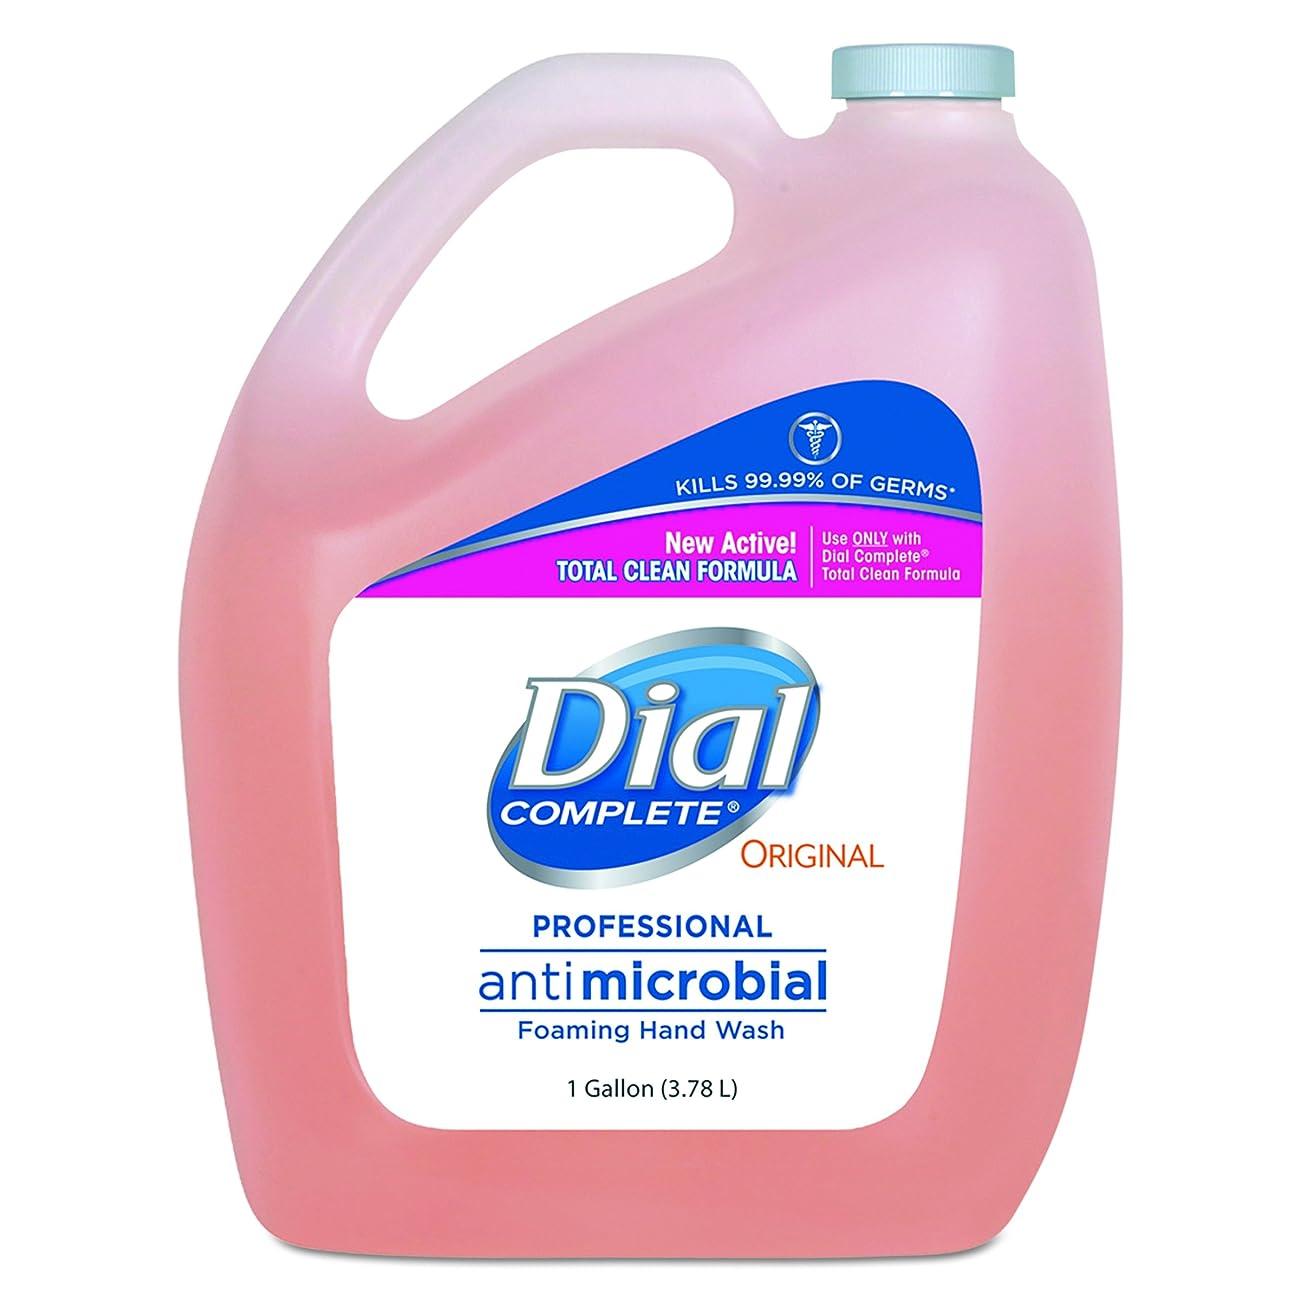 チョコレートゾーン地元ダイヤルProfessional抗菌Foaming Hand Soap、元香り, 1?gal。、4?/カートン